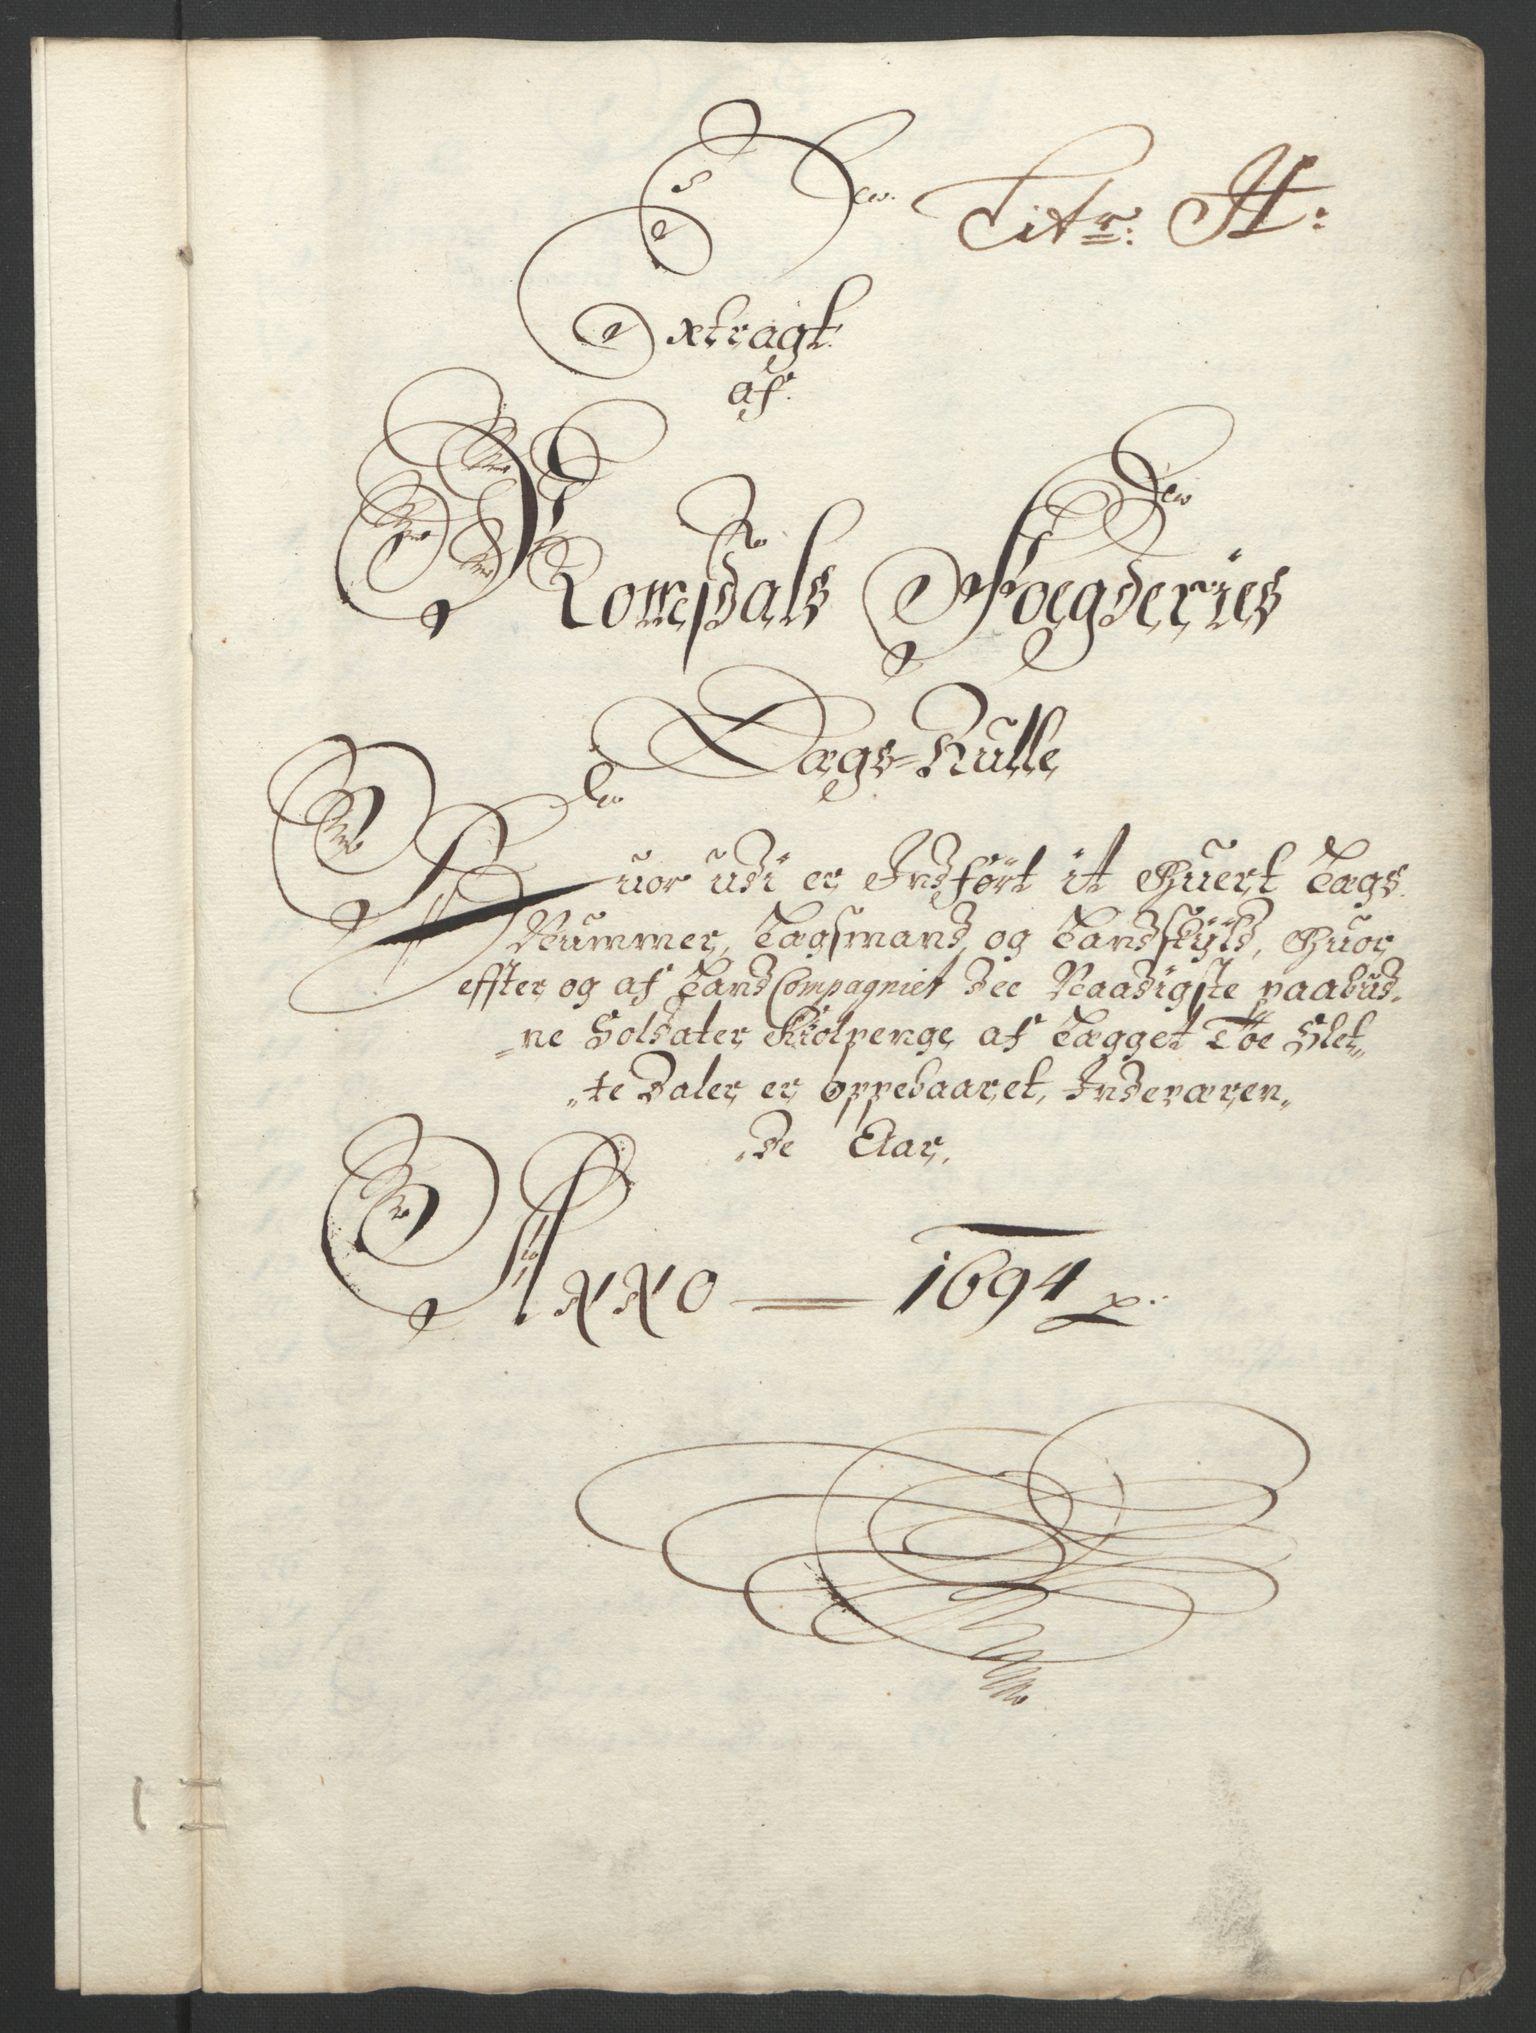 RA, Rentekammeret inntil 1814, Reviderte regnskaper, Fogderegnskap, R55/L3651: Fogderegnskap Romsdal, 1693-1694, s. 250